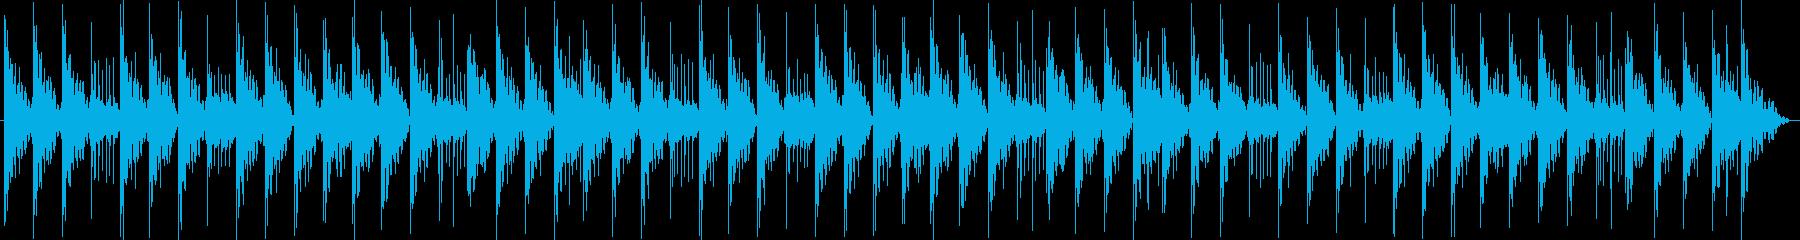 エレクトリックピアノの和音からのサ...の再生済みの波形